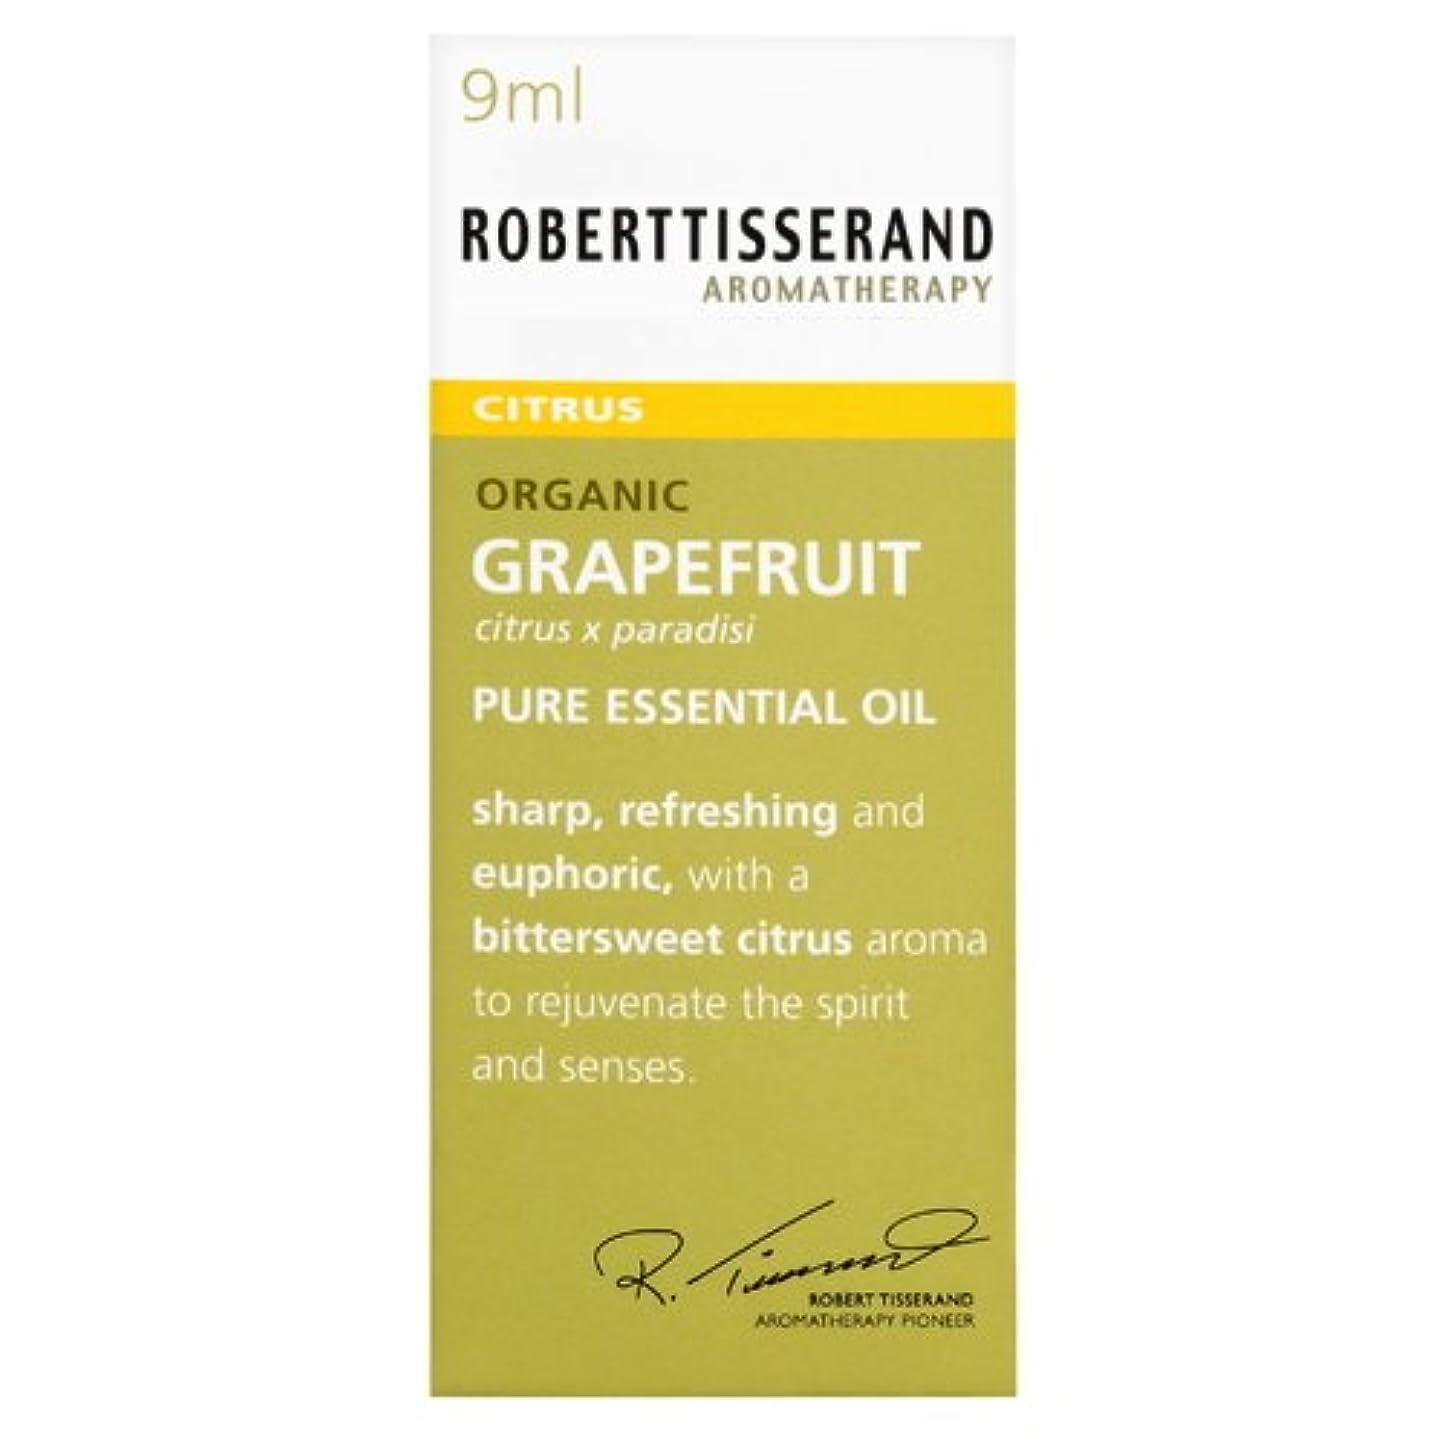 フロンティア電圧スチールロバートティスランド 英国土壌協会認証 オーガニック グレープフルーツ 9ml